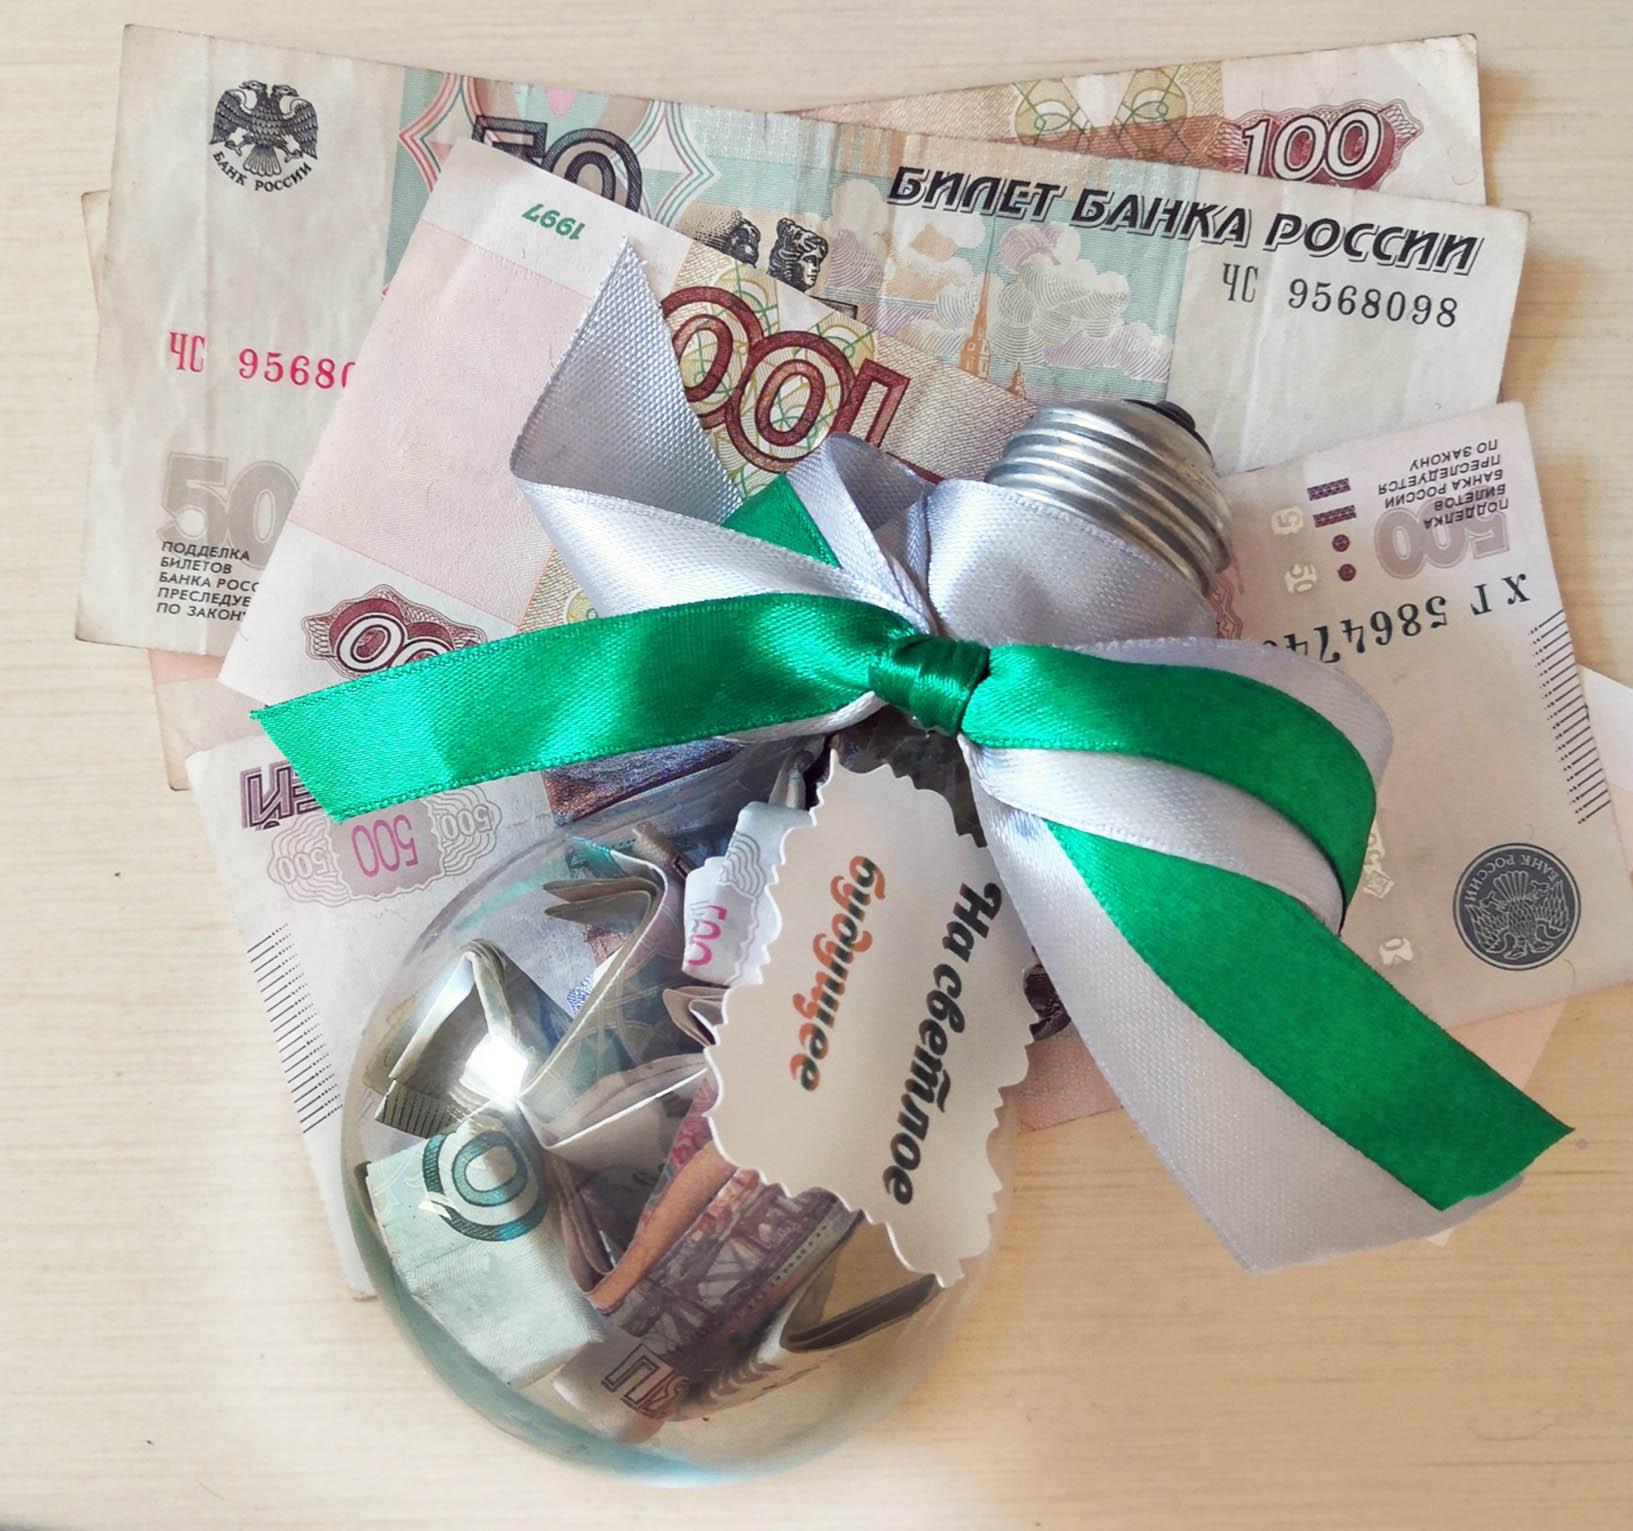 как подарить деньги на свадьбе, как дарить деньги молодоженам, подарок деньгами на свадьбе, как подарить деньги оригинально на свадьбе